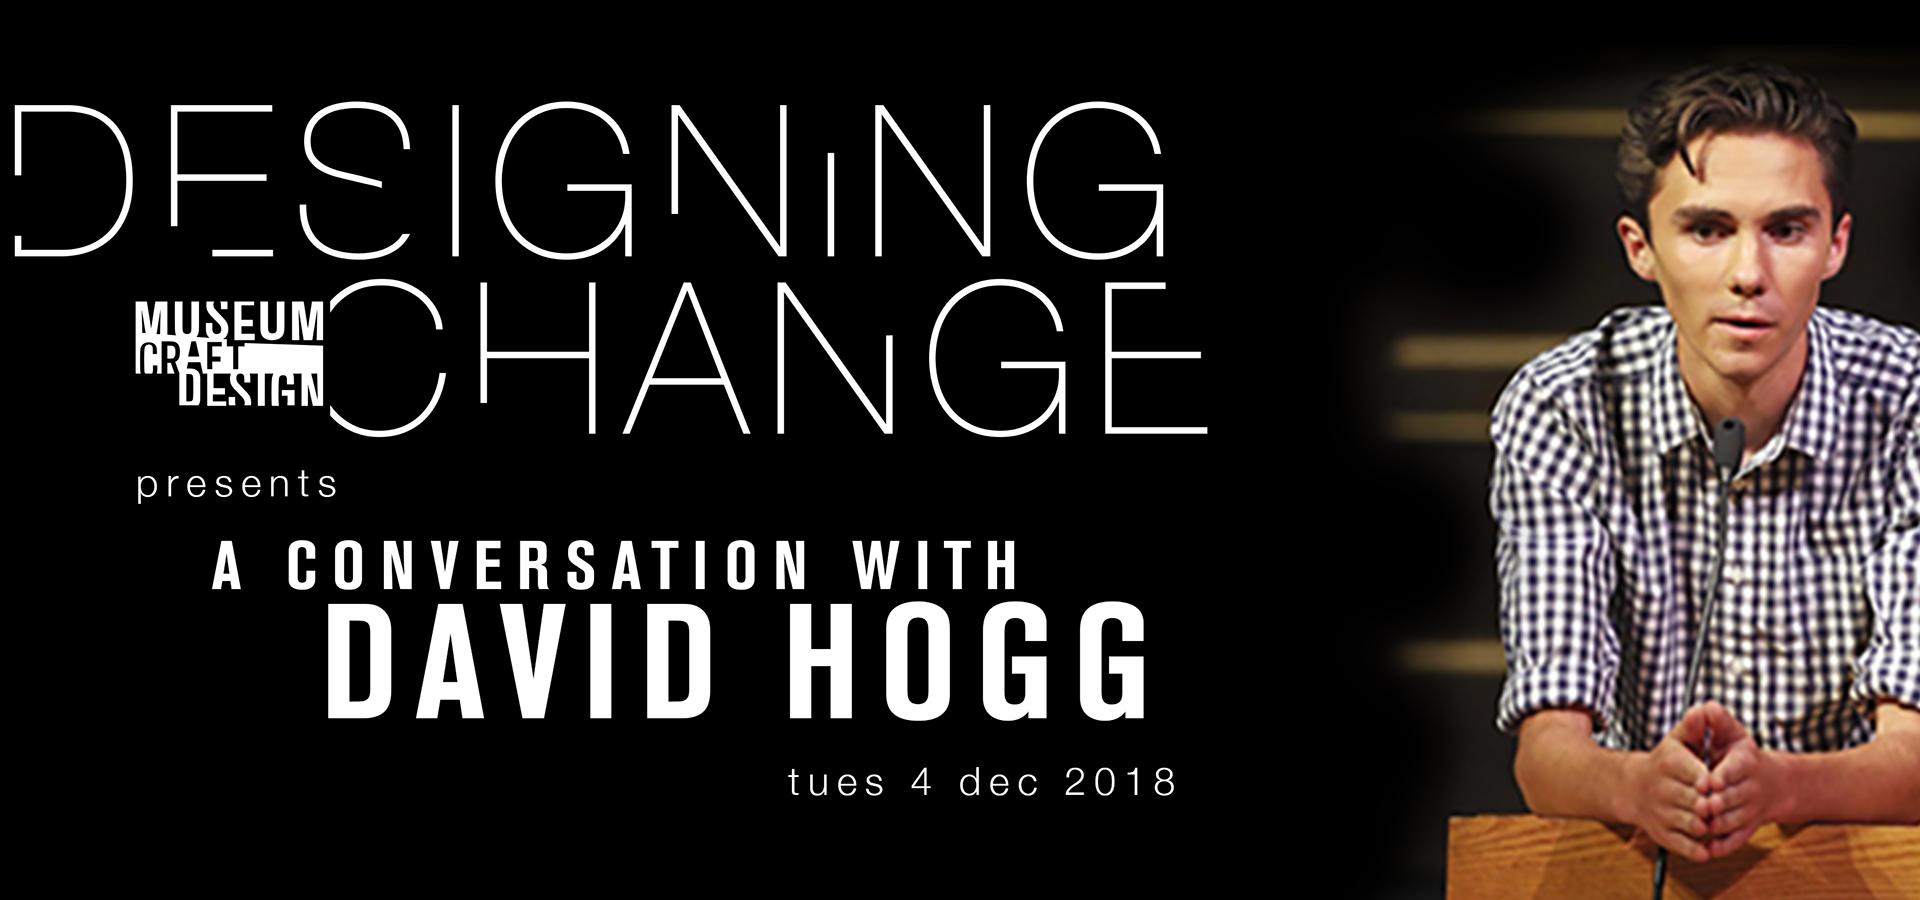 photo of David Hogg leaning on podium and Designing Change logo